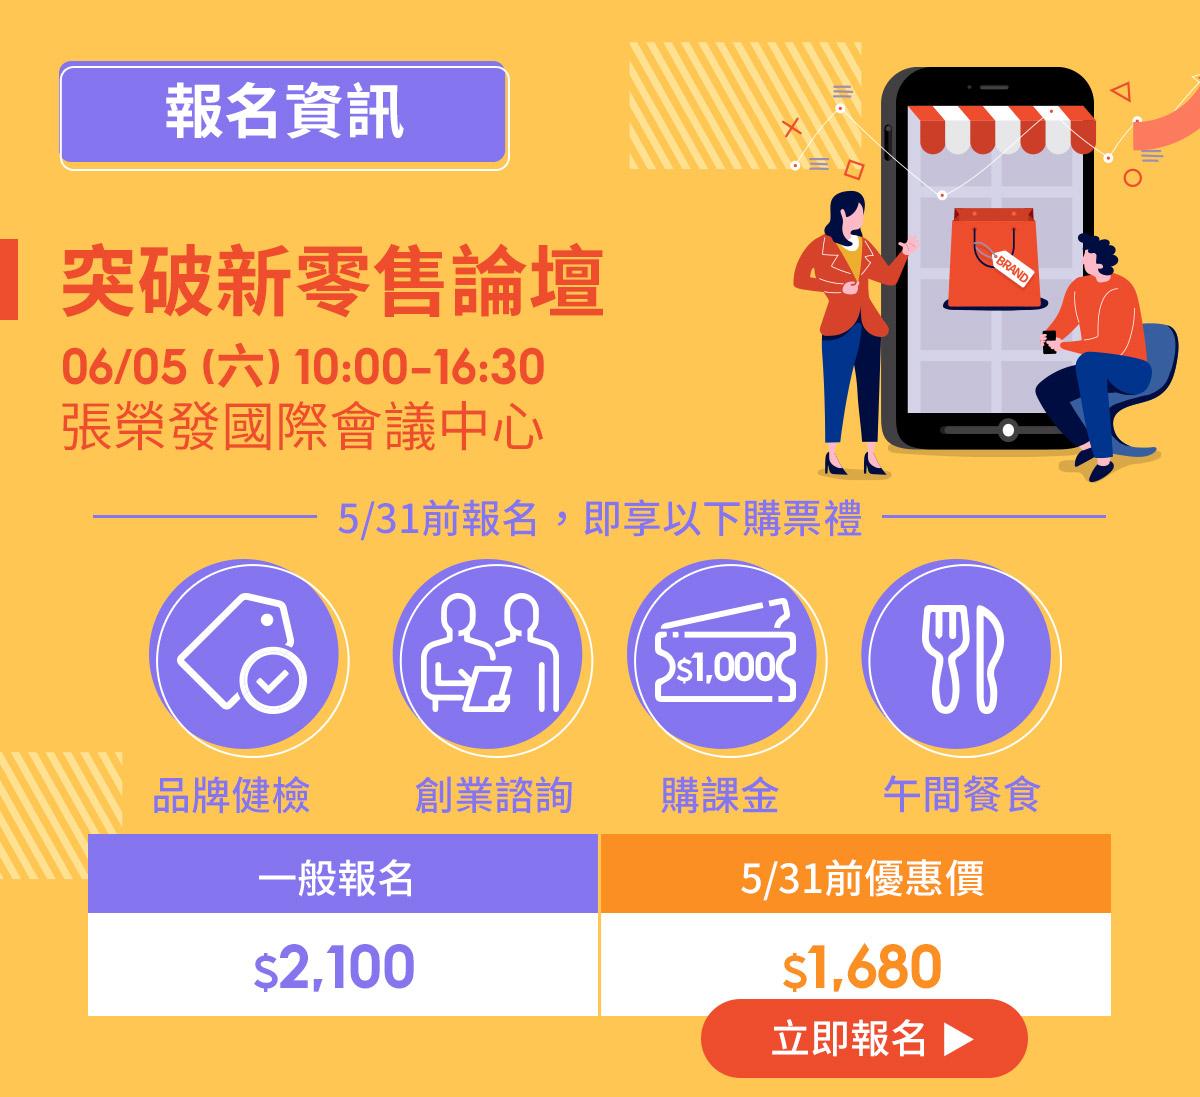 【臺北市商圈產業聯合會x蝦皮舉辦】突破新零售論壇(免費登記)